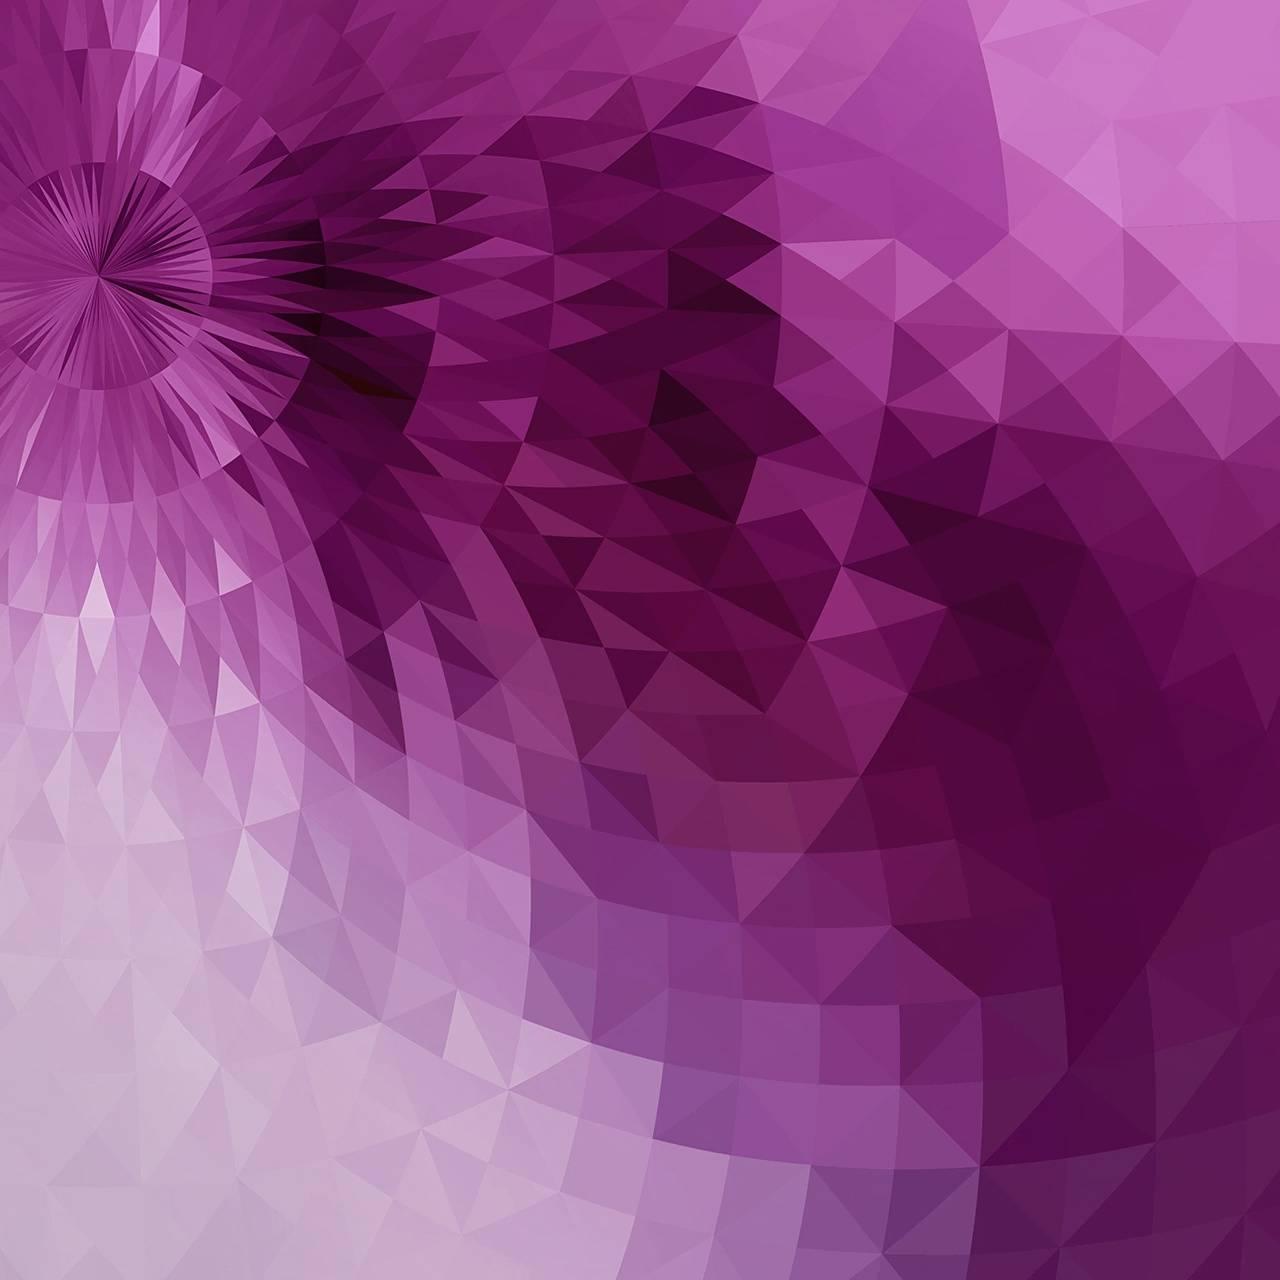 Galaxy J6 Wallpaper By Krystian4584 66 Free On Zedge